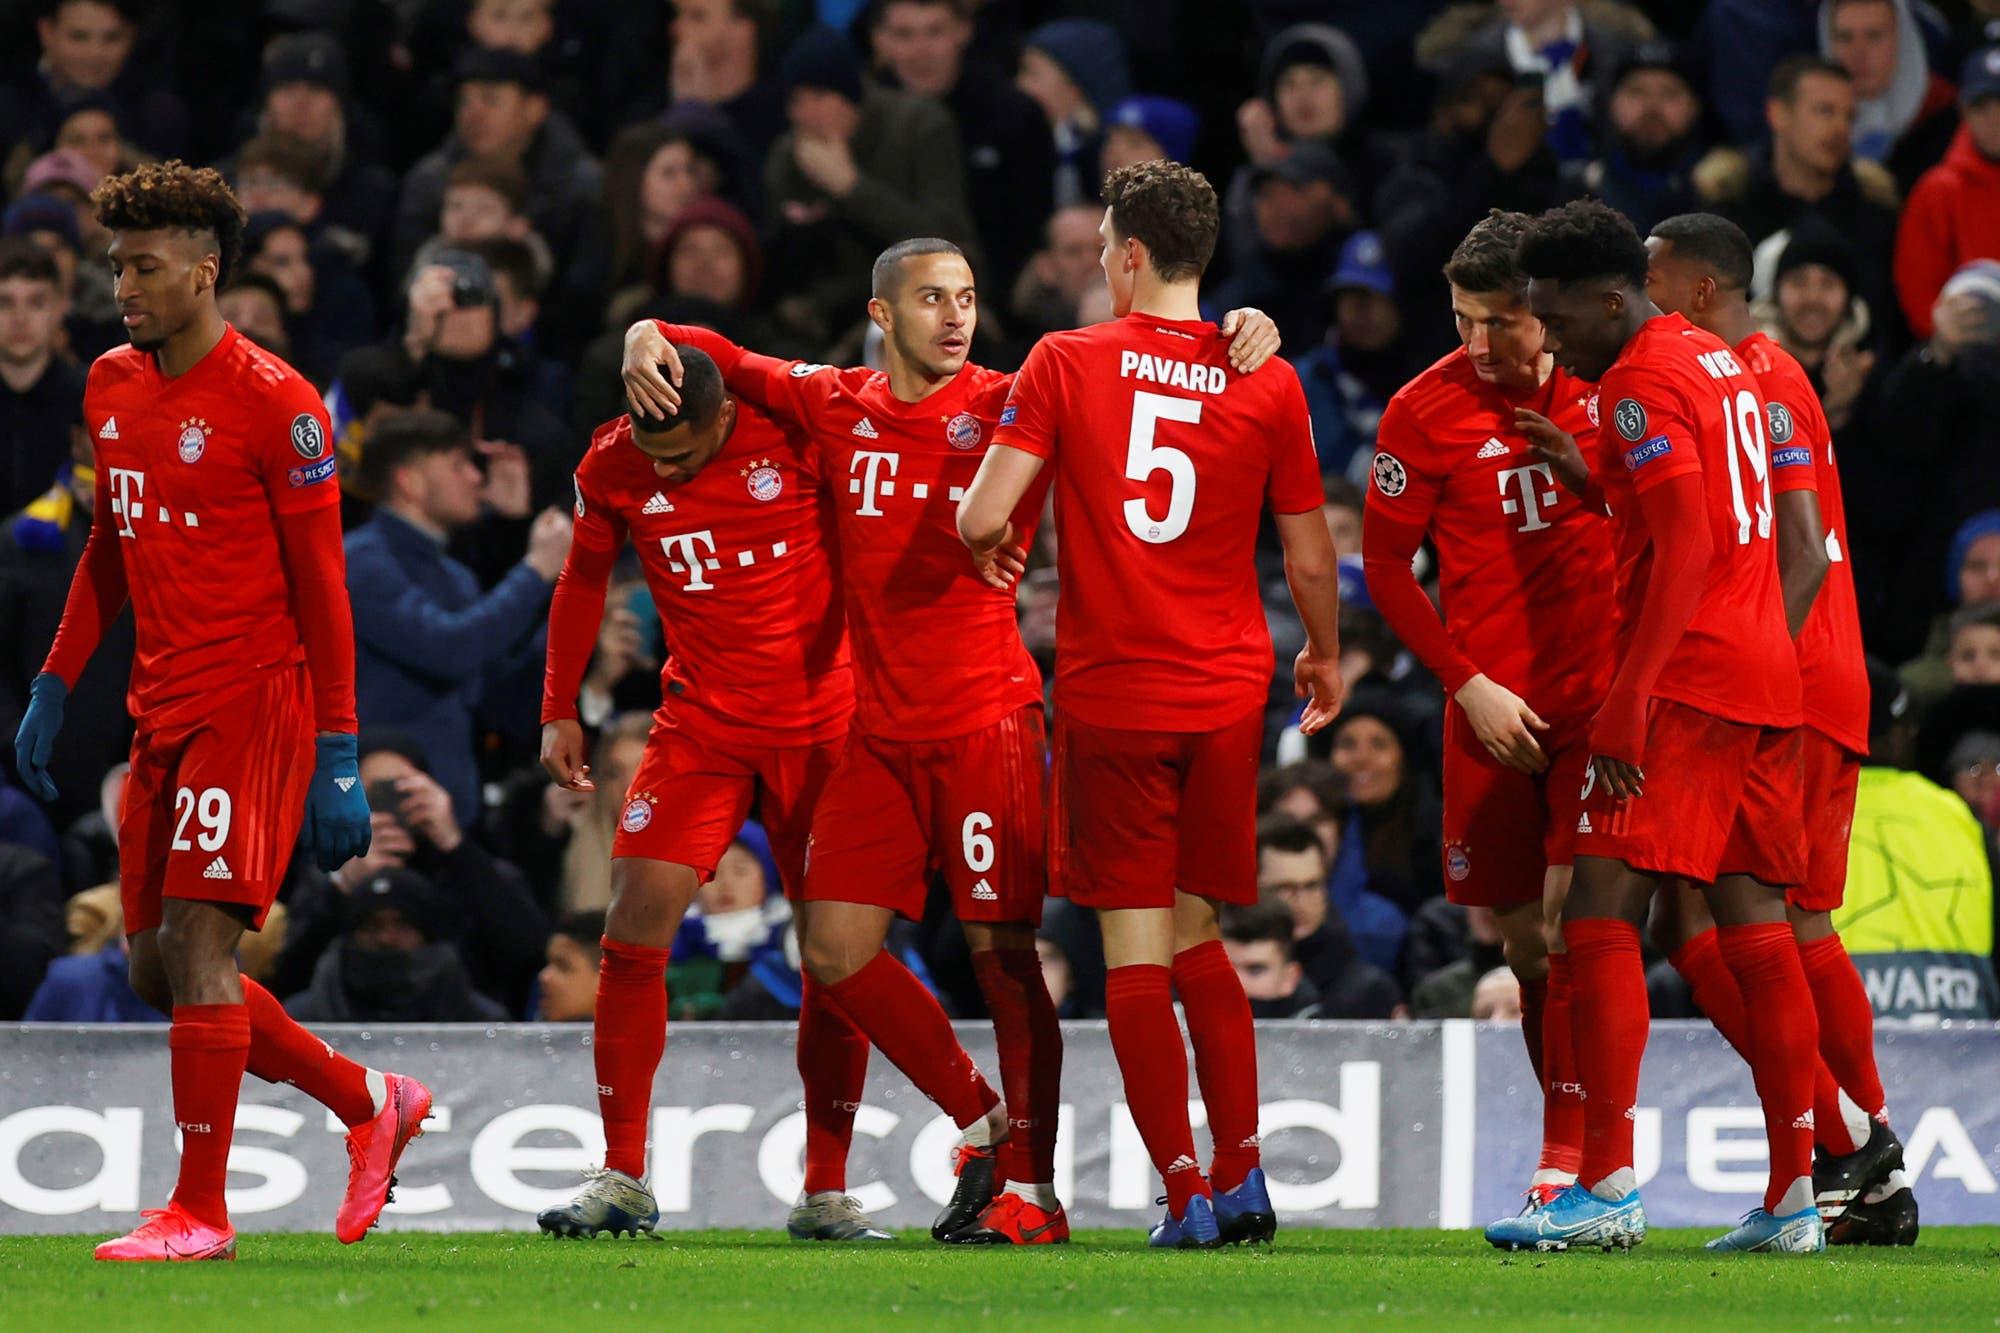 Bayern Munich goleó 3-0 a Chelsea en Inglaterra y tiene todo servido para avanzar a los cuartos de final de la Champions League